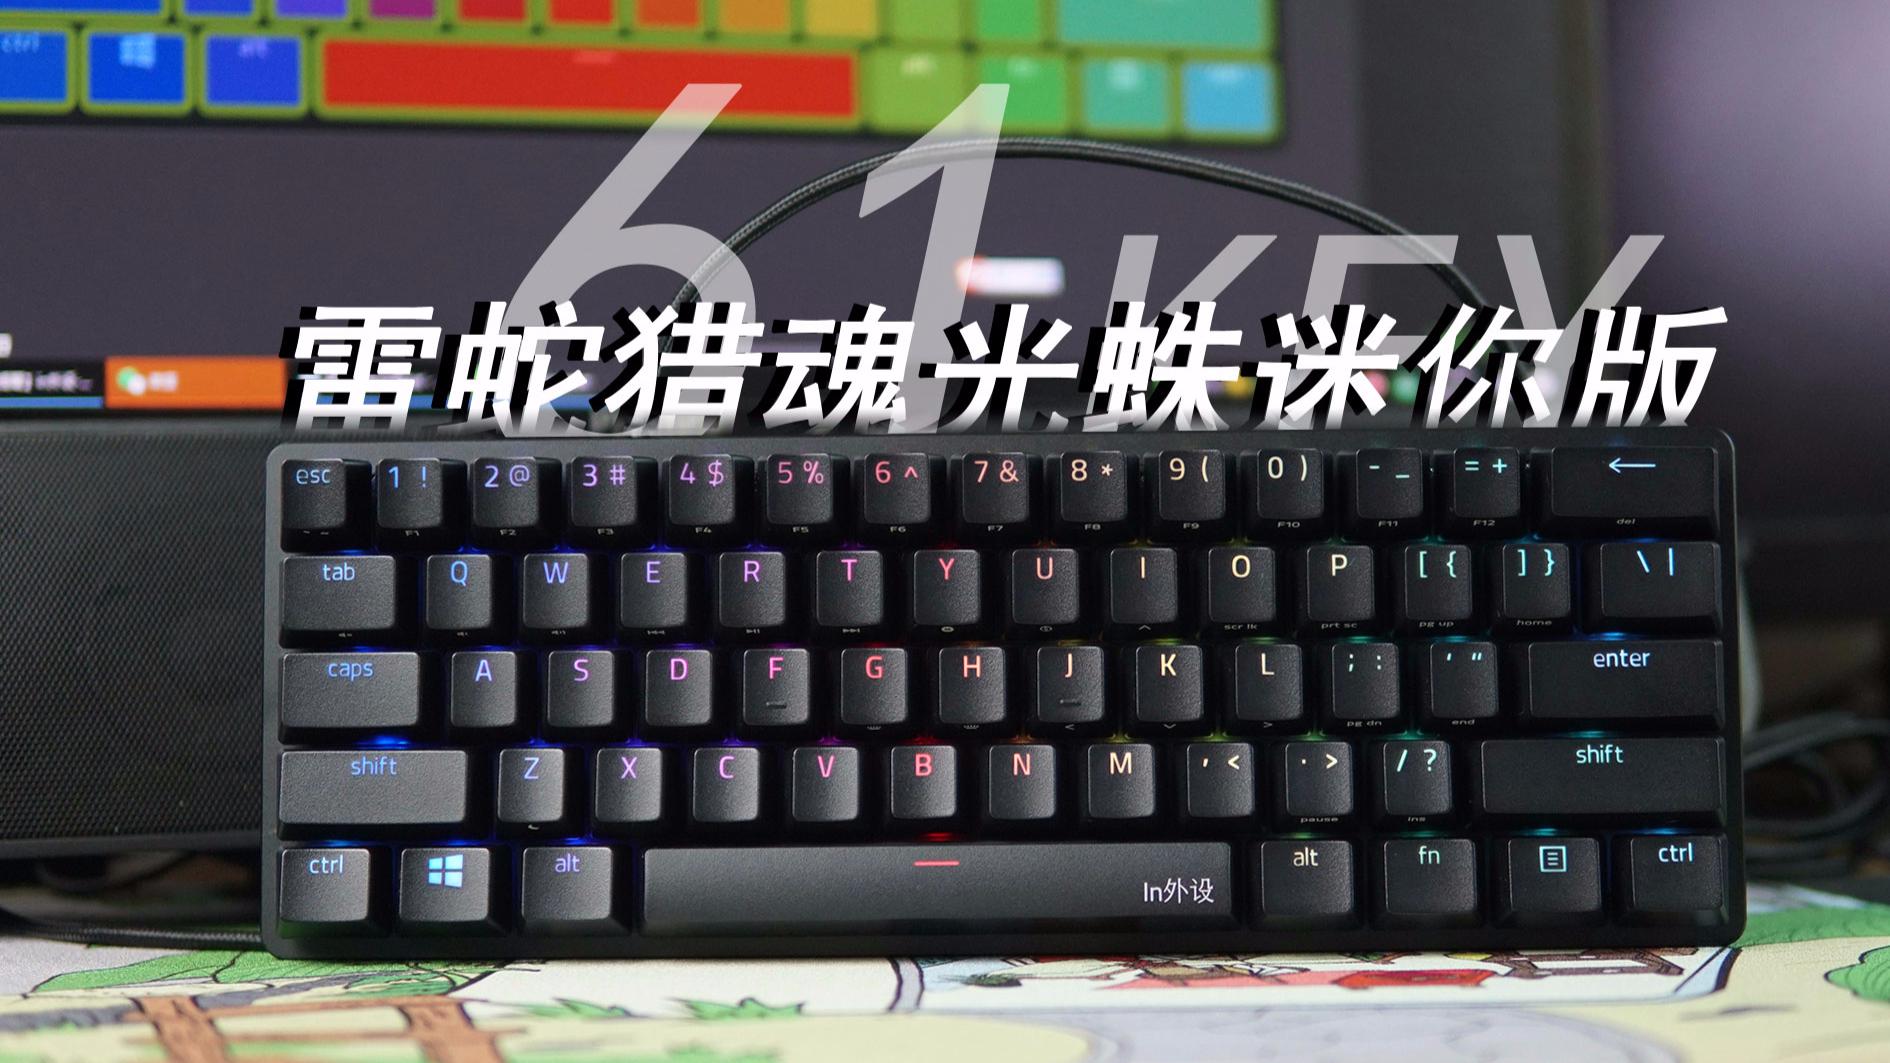 没想到吧,雷蛇竟然出61键小尺寸机械键盘了!雷蛇猎魂光蛛迷你版上手